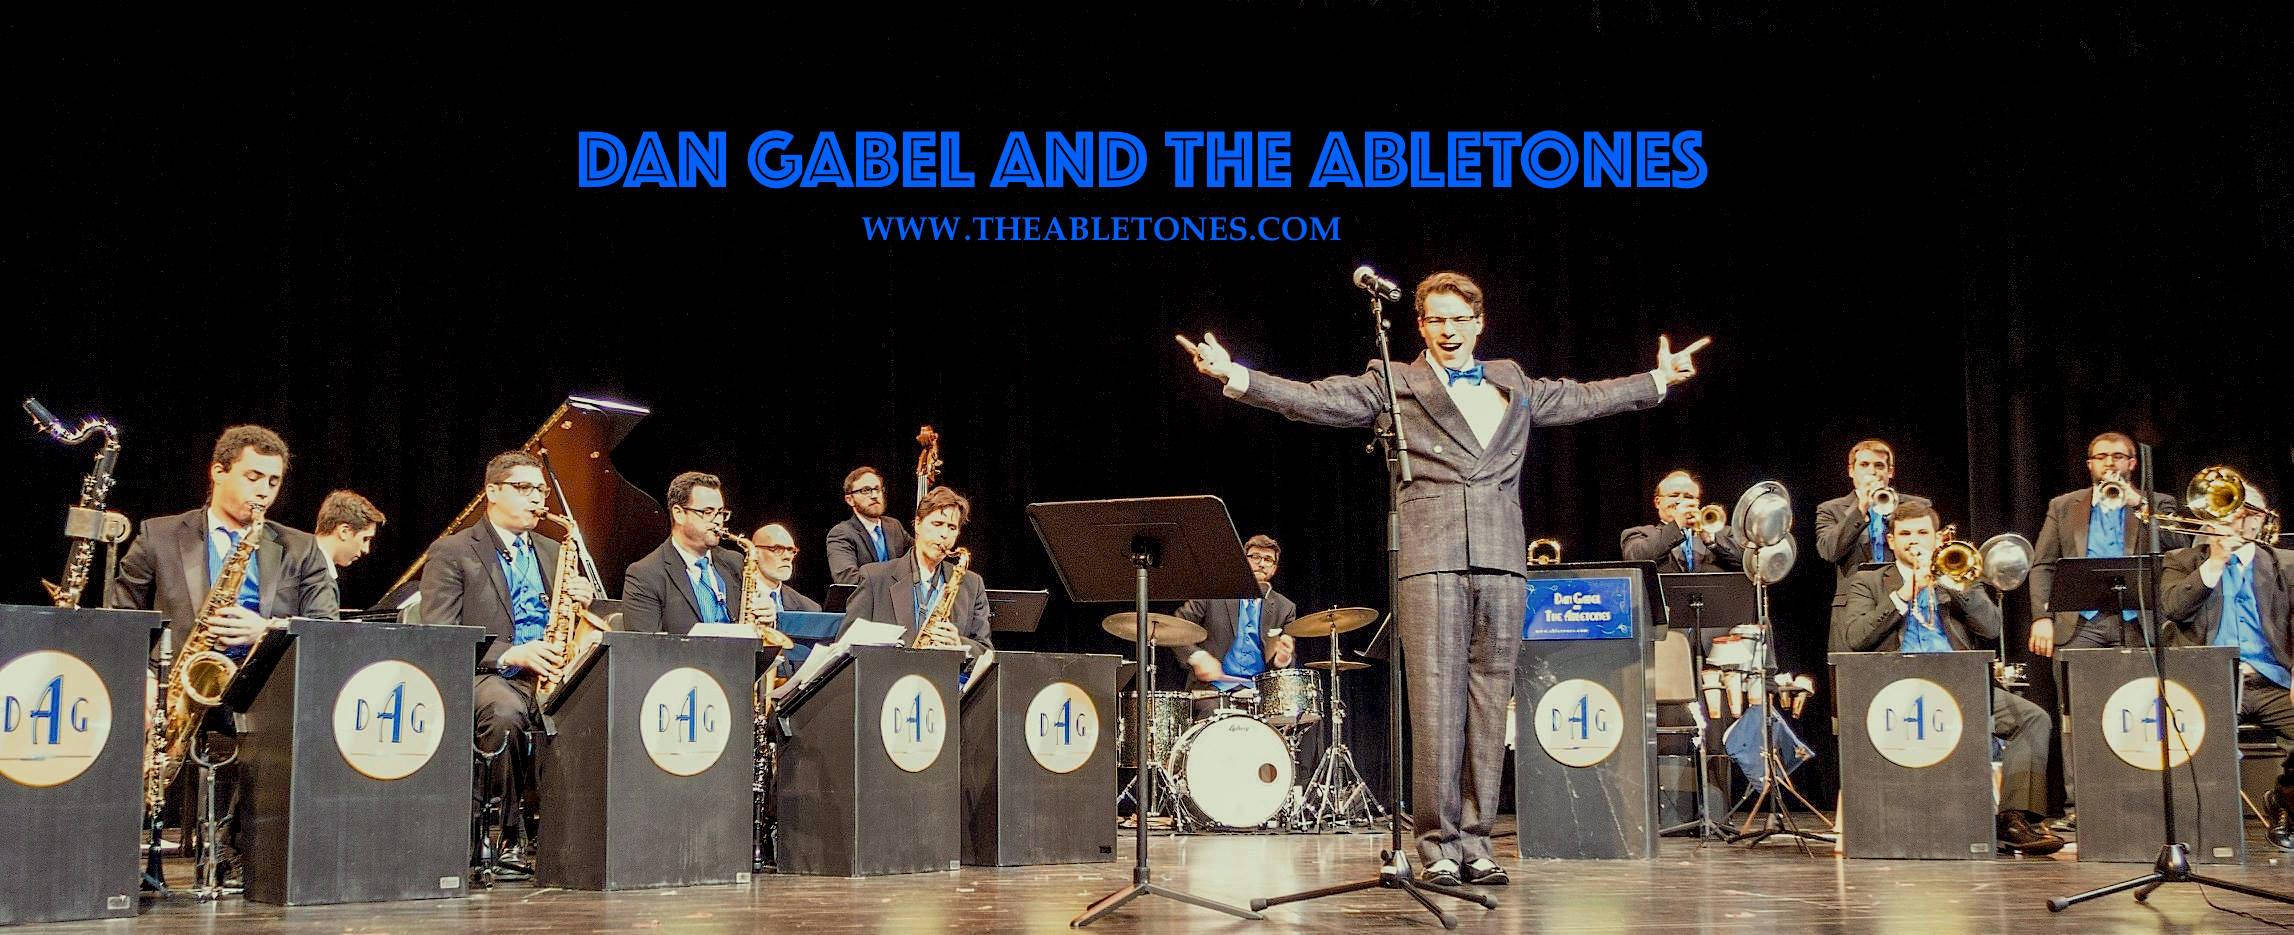 Dan Gabel and The Abletones - Dan conducts.jpg